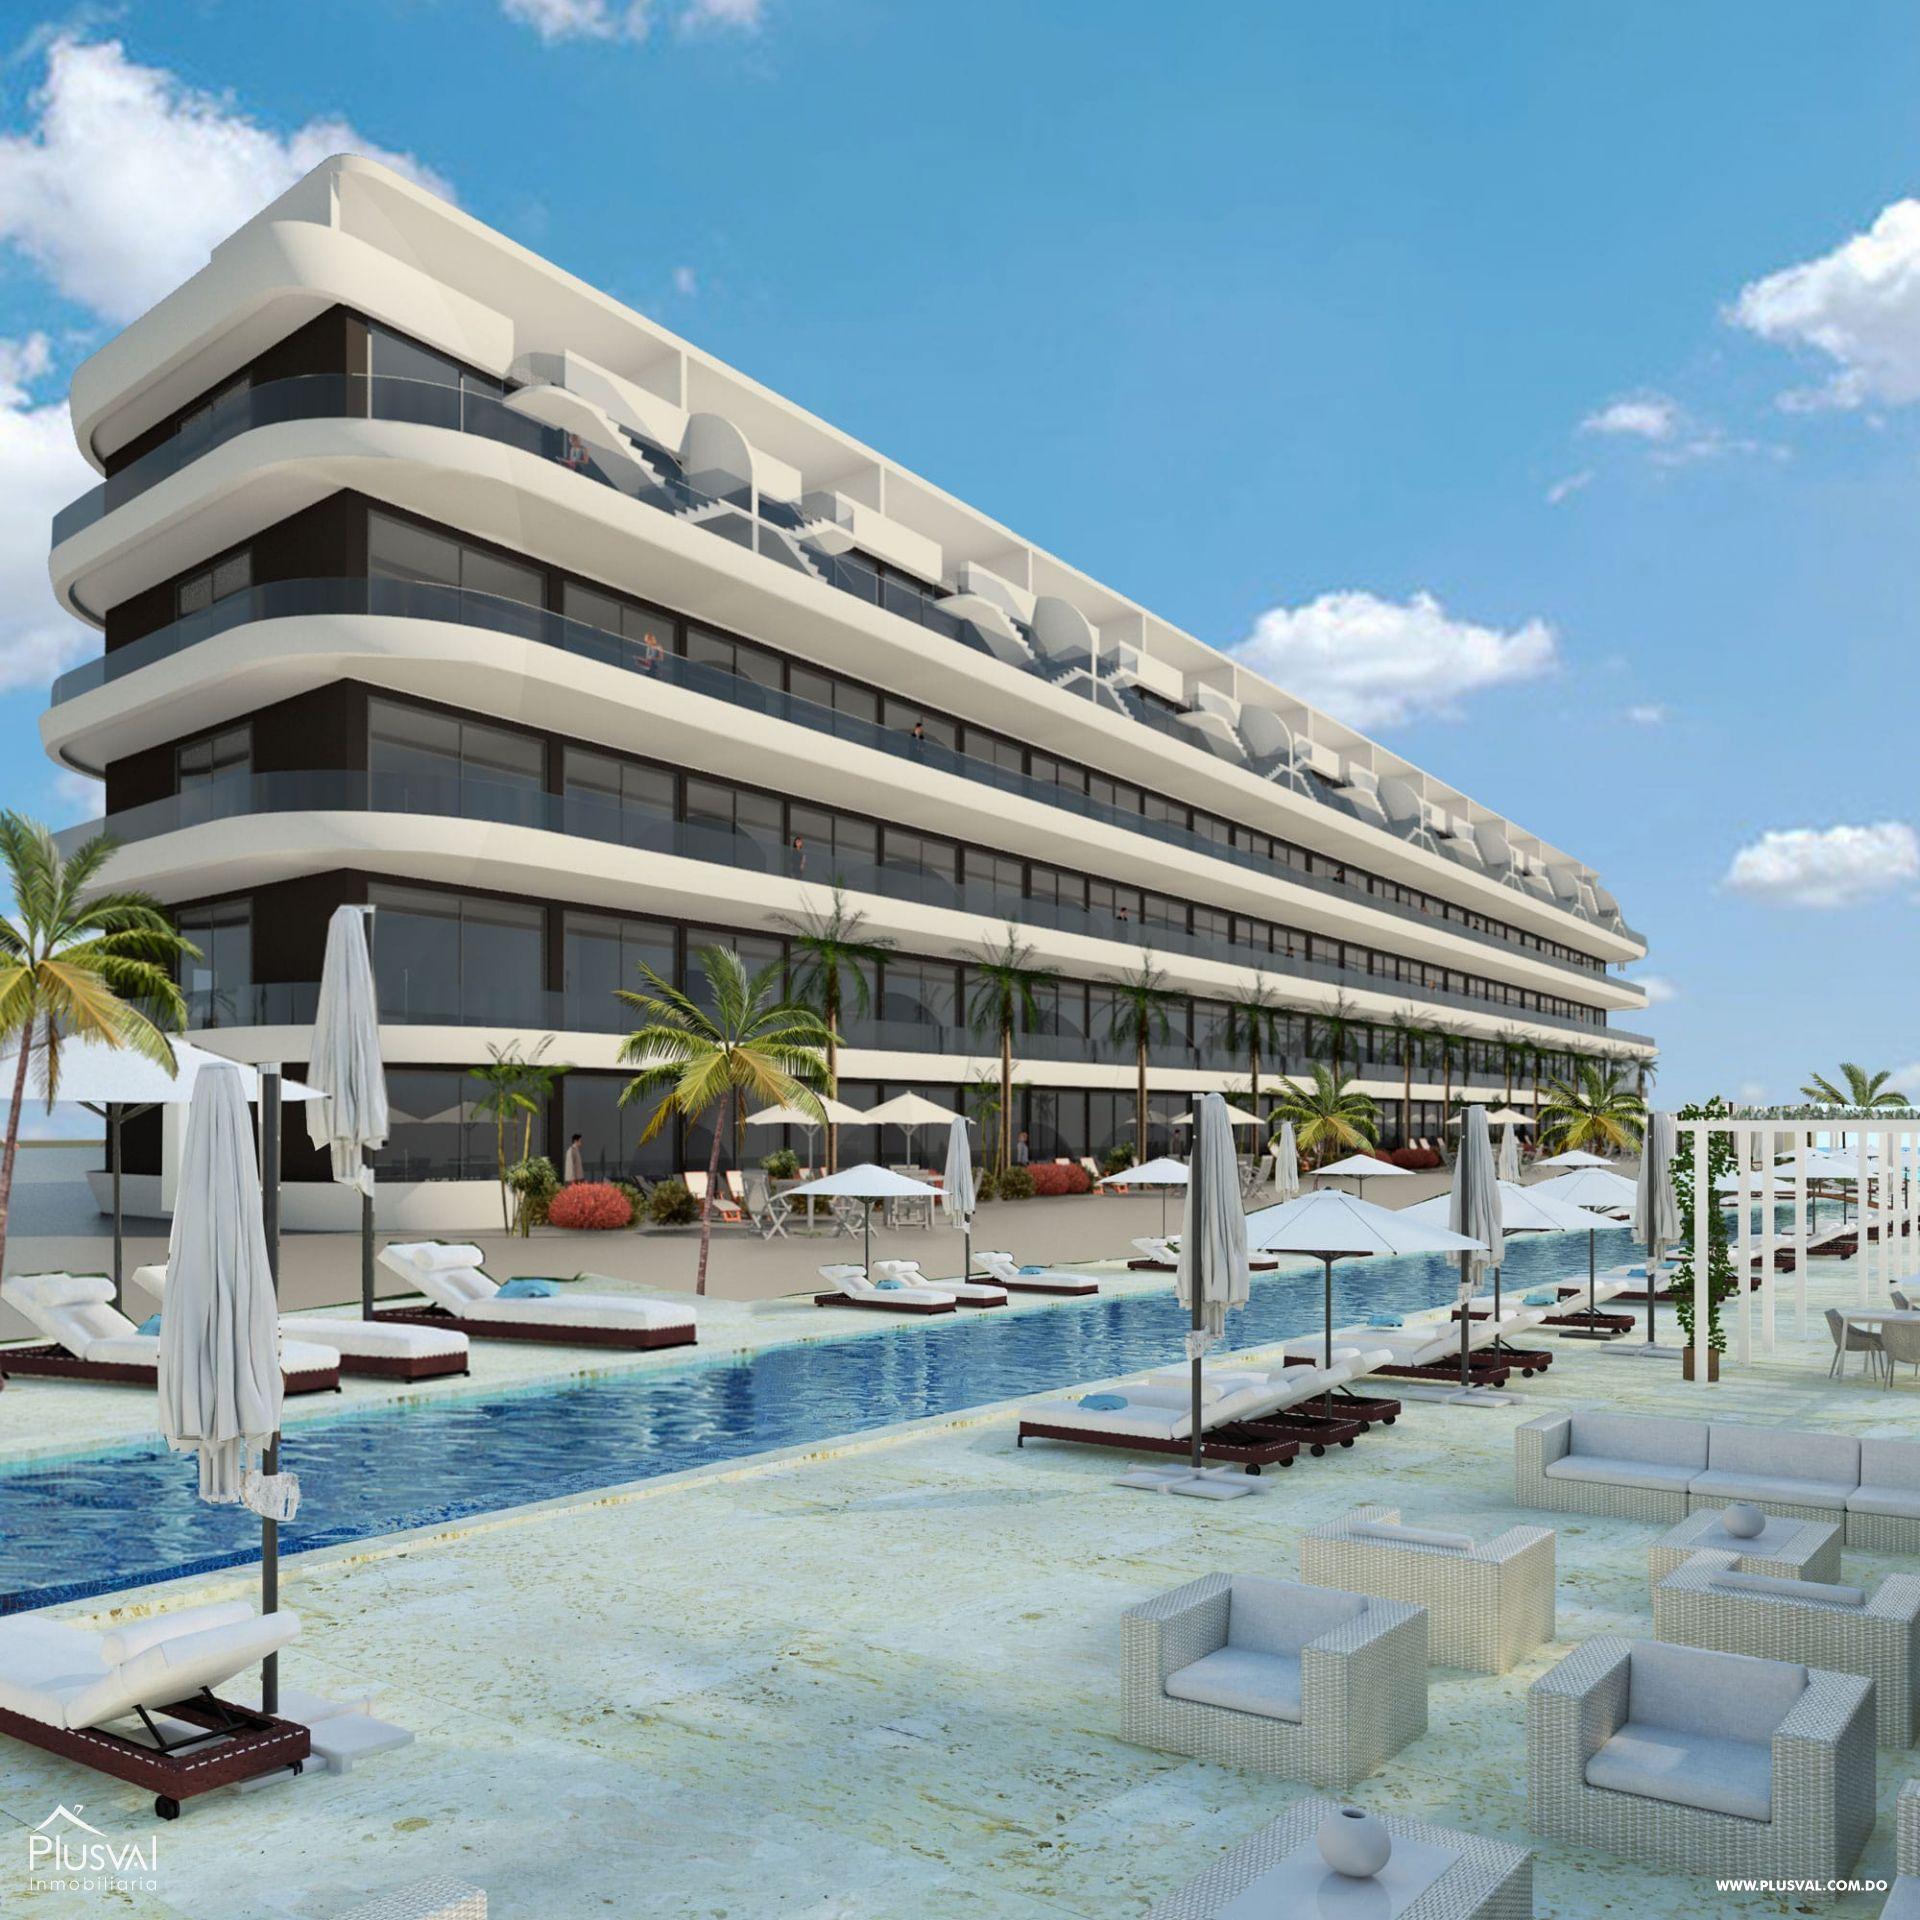 Lujoso apartamento estilo resort en Cap Cana 188157